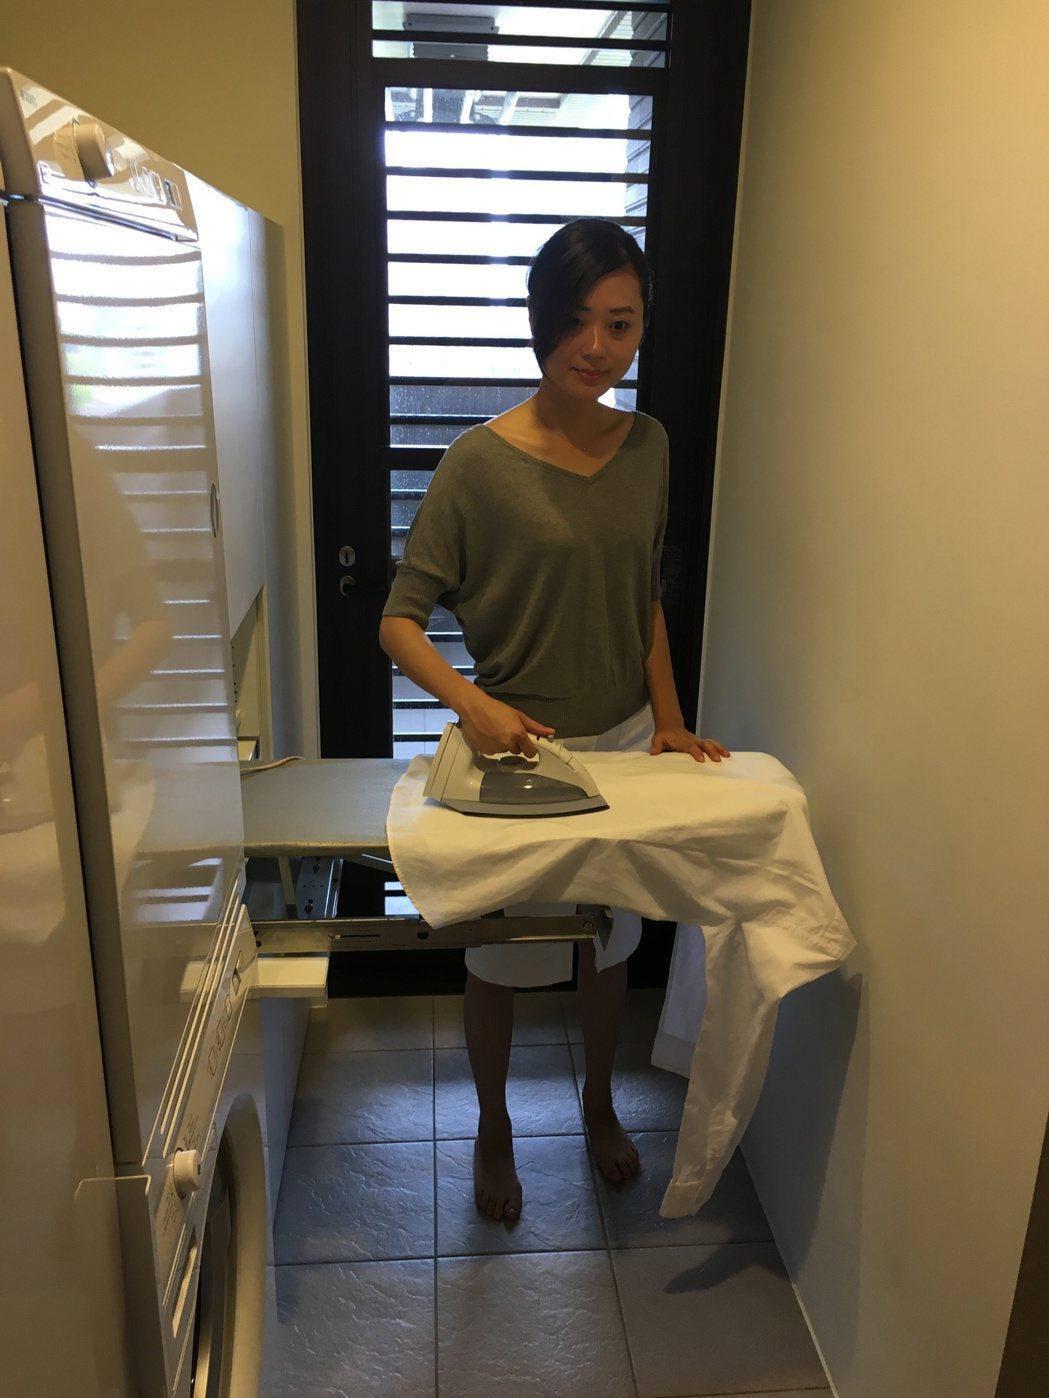 以大門入口連接獨立更衣空間與室內洗衣房,創造「塵淨分離」的生活空間。記者宋健生/...